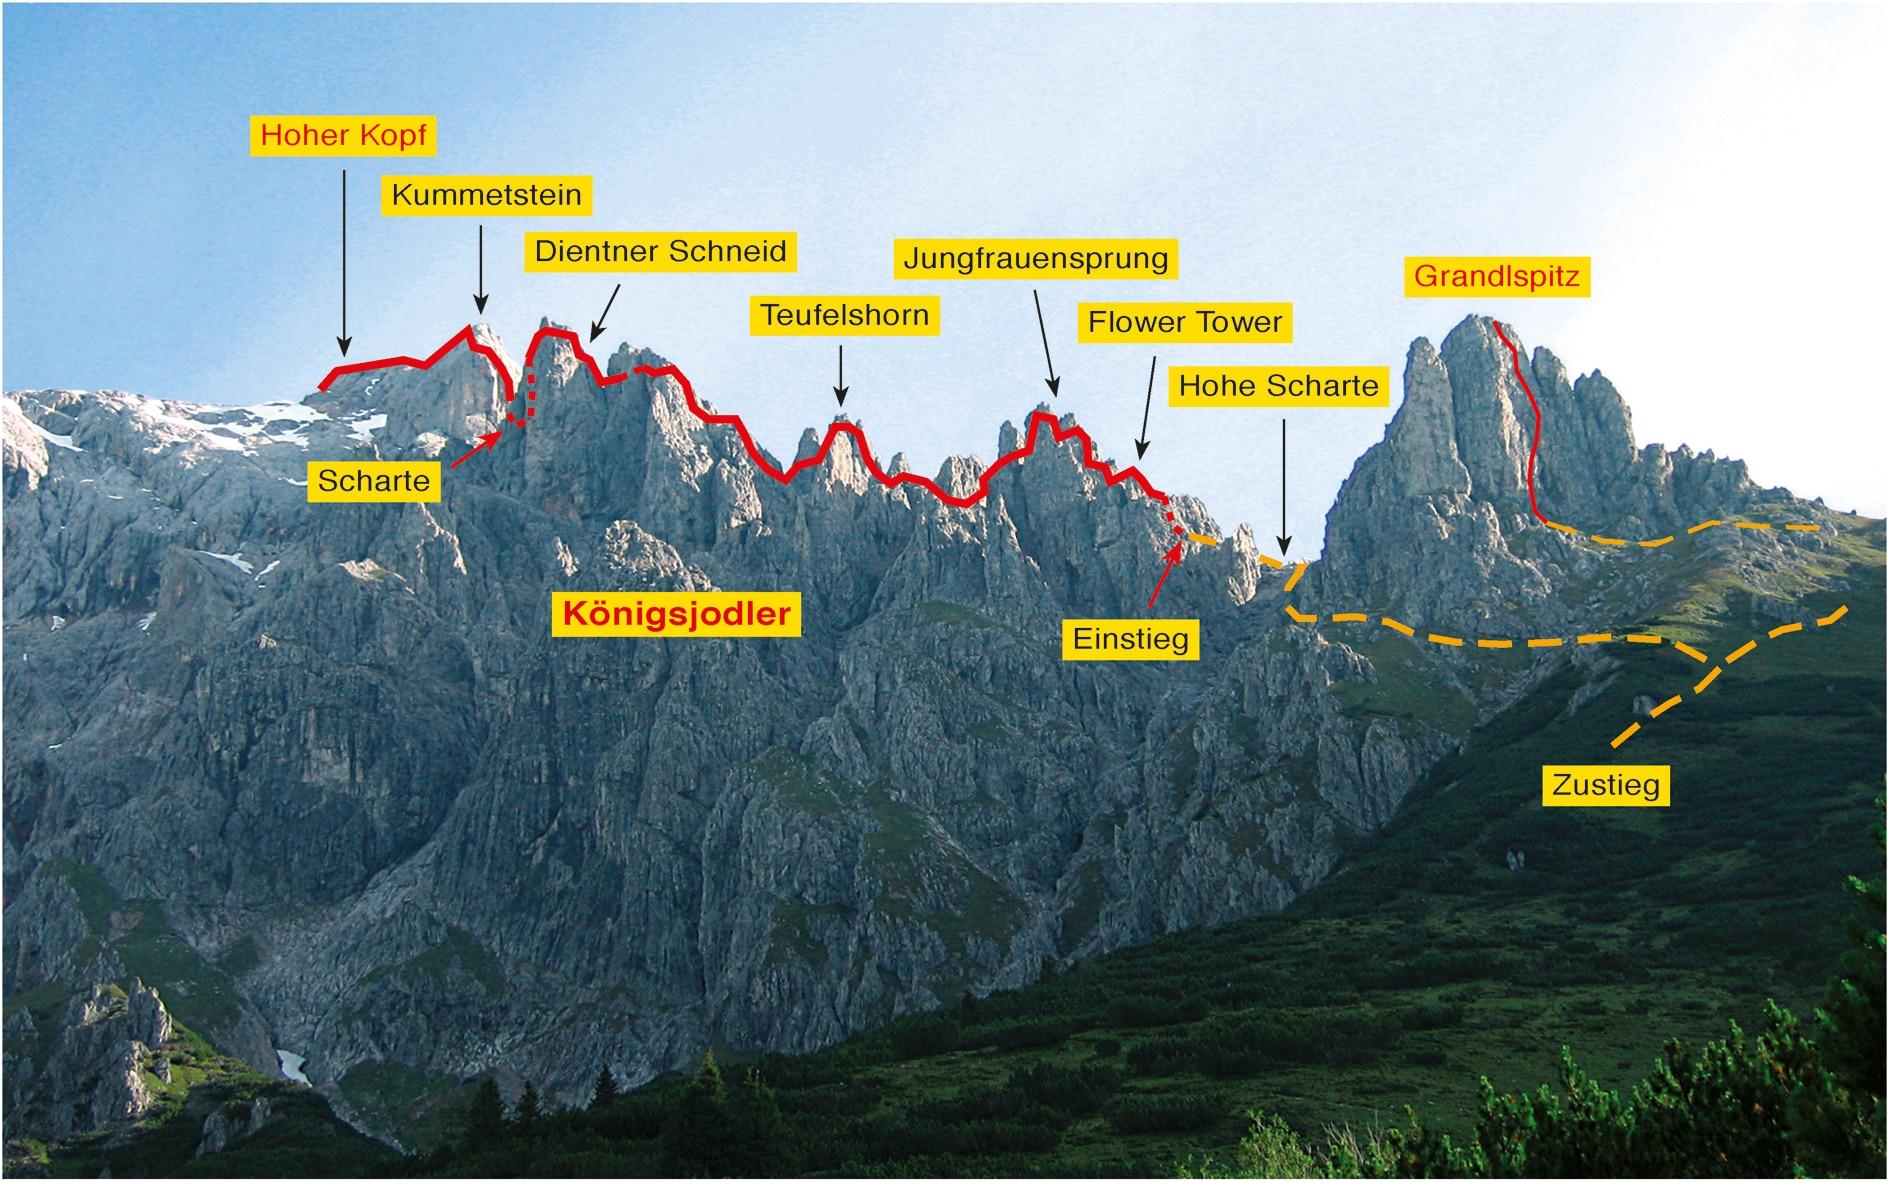 Klettersteig Map : Klettersteige königsjodler km bergwelten